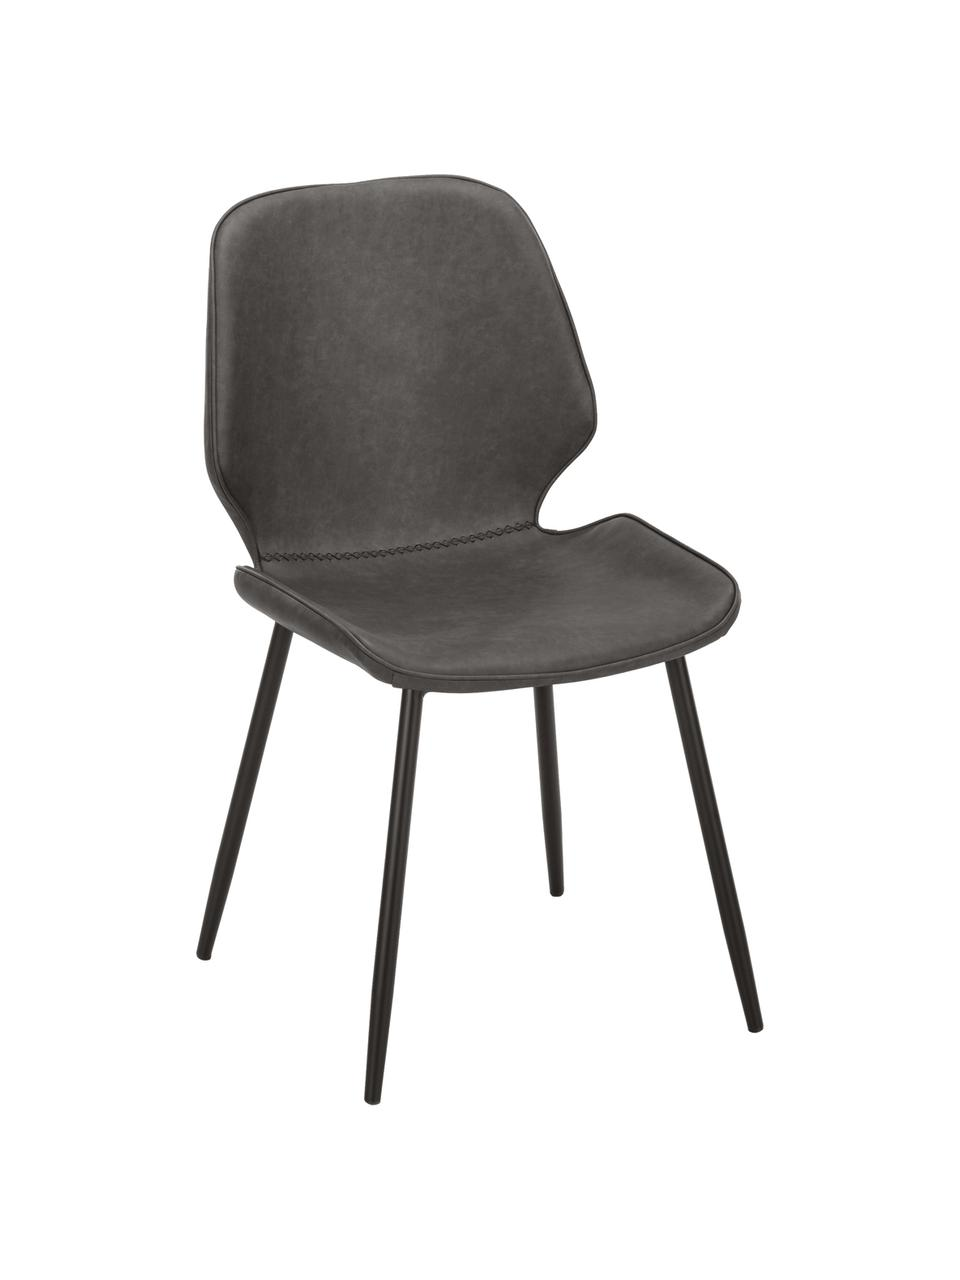 Kunstleren gestoffeerde stoelen Louis, 2 stuks, Bekleding: kunstleer (65% polyethyle, Poten: gepoedercoat metaal, Kunstleer donkergrijs, B 44 x D 58 cm